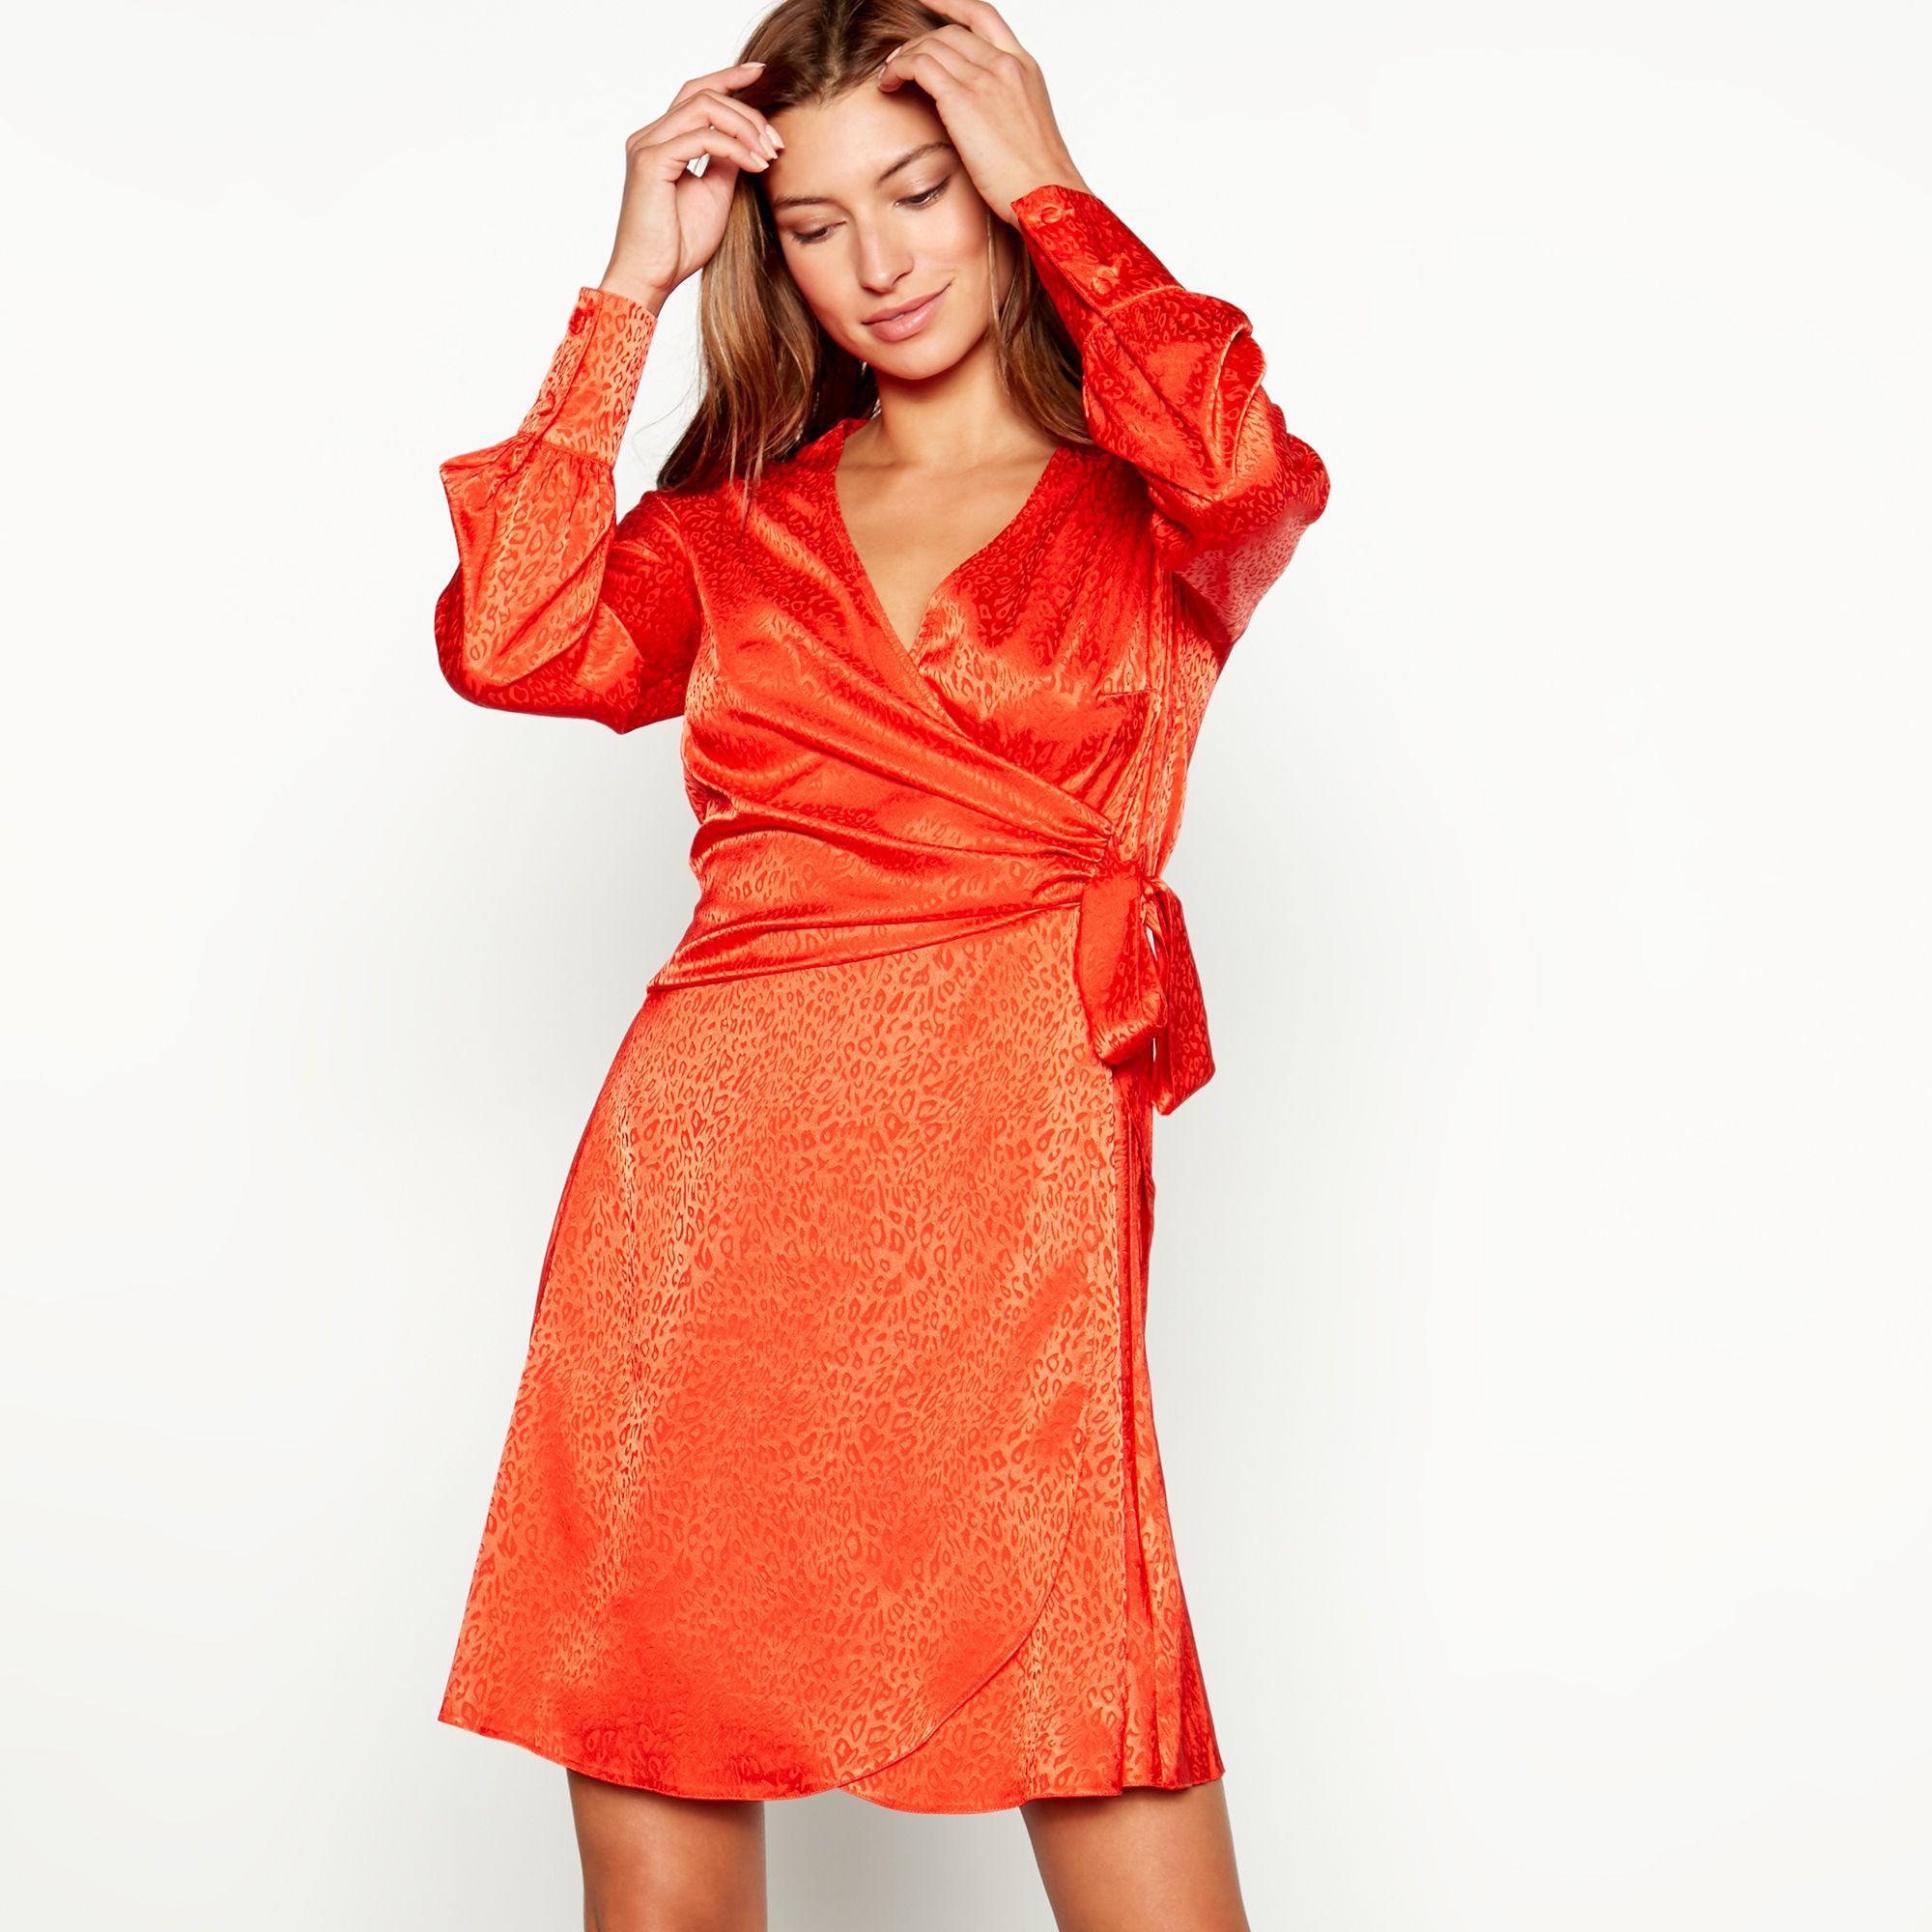 6e4c85688988 Red Herring Leopard Print Long Sleeve V-neck Mini Dress in Orange - Lyst